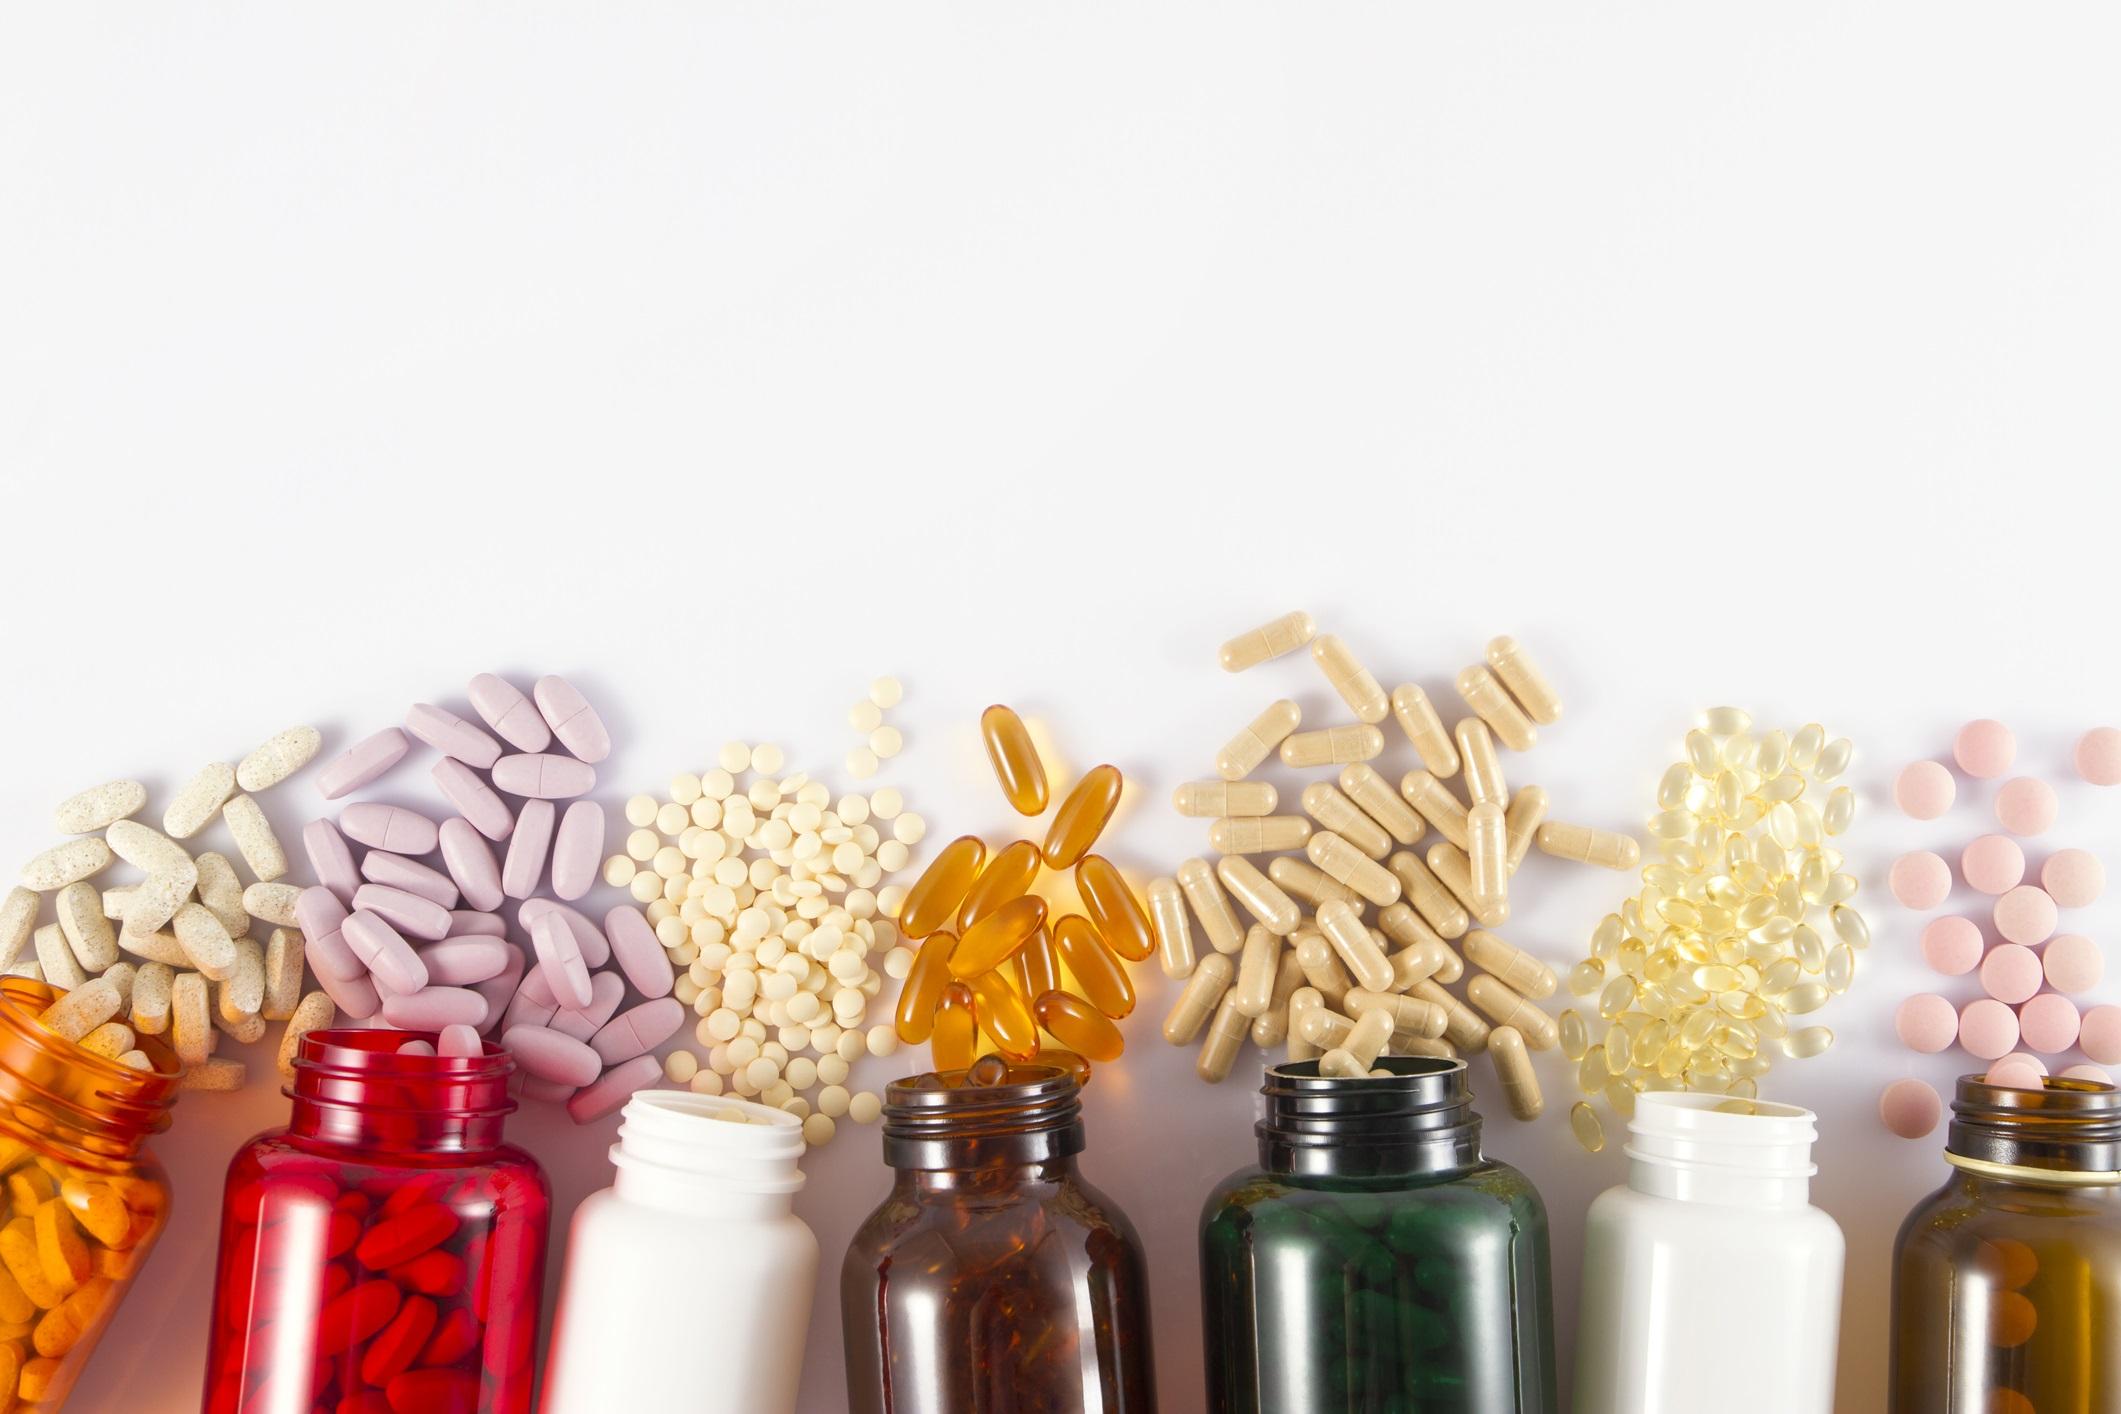 <p>Не вземайте витамини на своя глава<br /> <br /> Прекалено много хора или прекаляват с вземането на добавки, или не приемат никакви витамини. Дефицитът на витамини може да доведе до сериозни здравословни проблеми, но попитайте личния си лекар кои са правилните витамини за вашите нужди.</p>